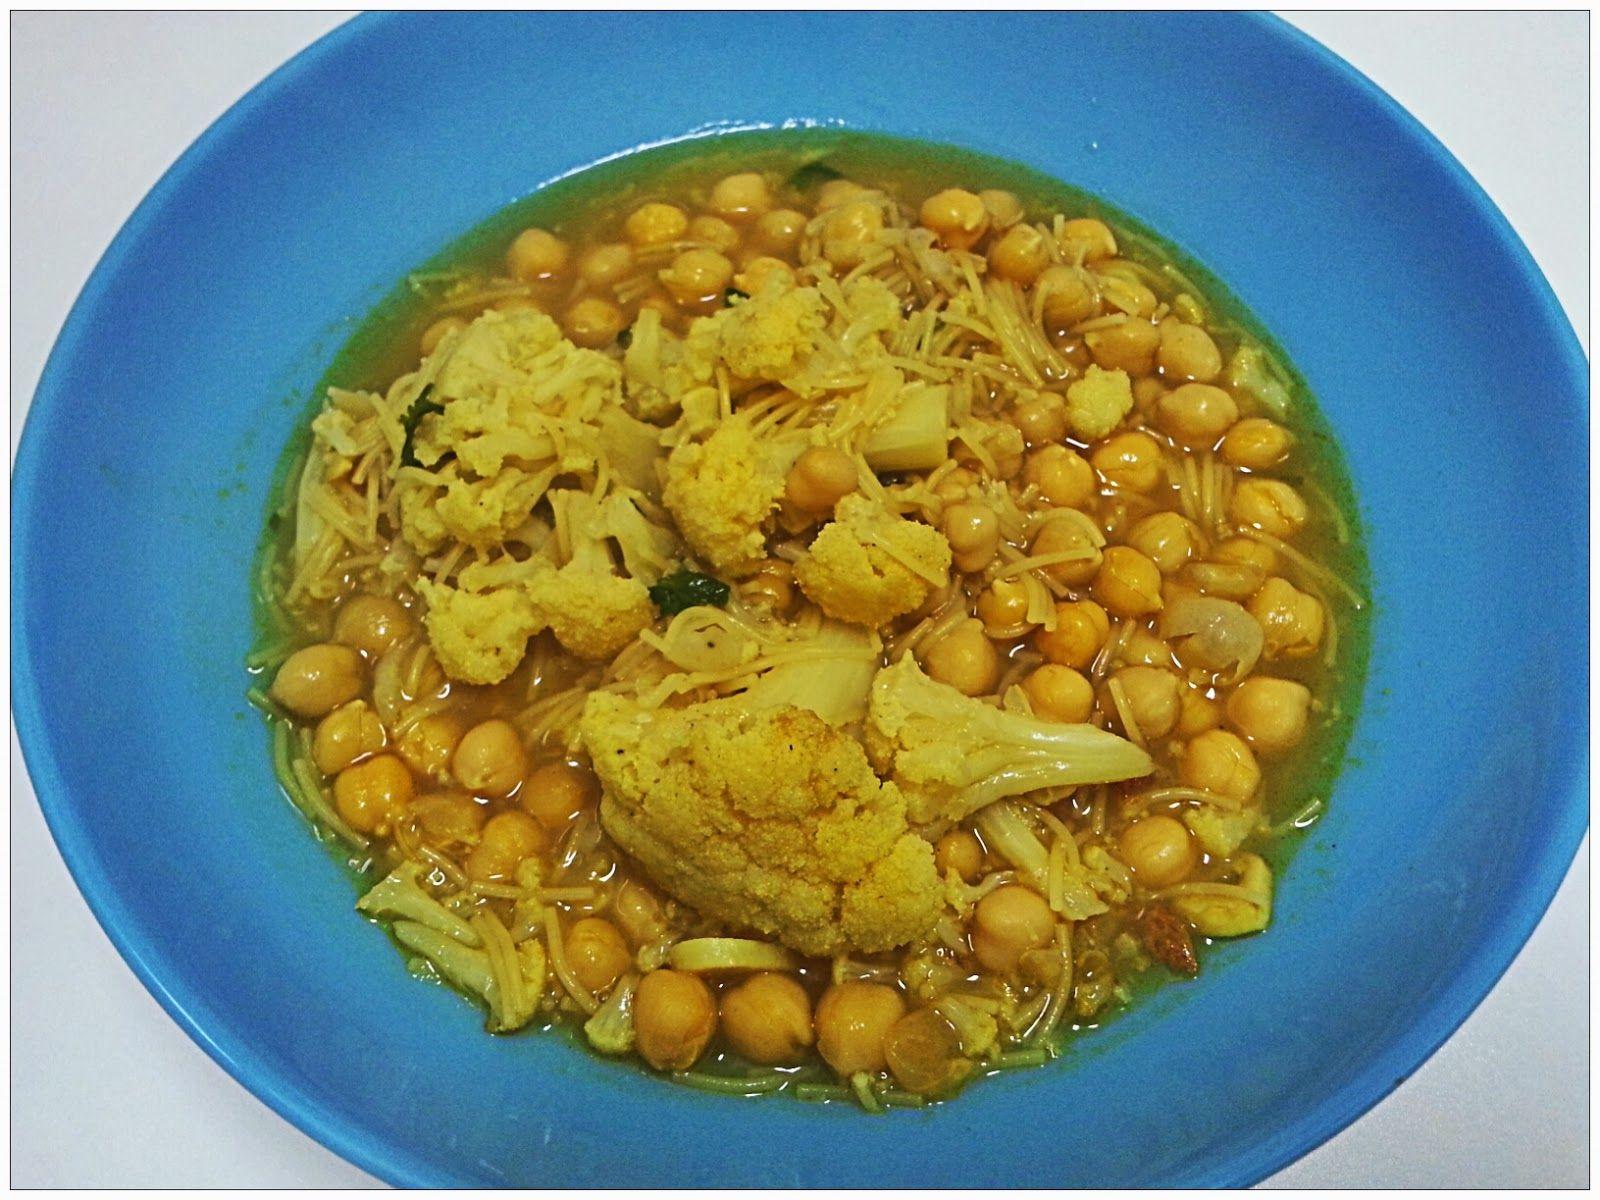 GastroCenicienta: Guiso de Coliflor con Garbanzos al Ras al Hanout